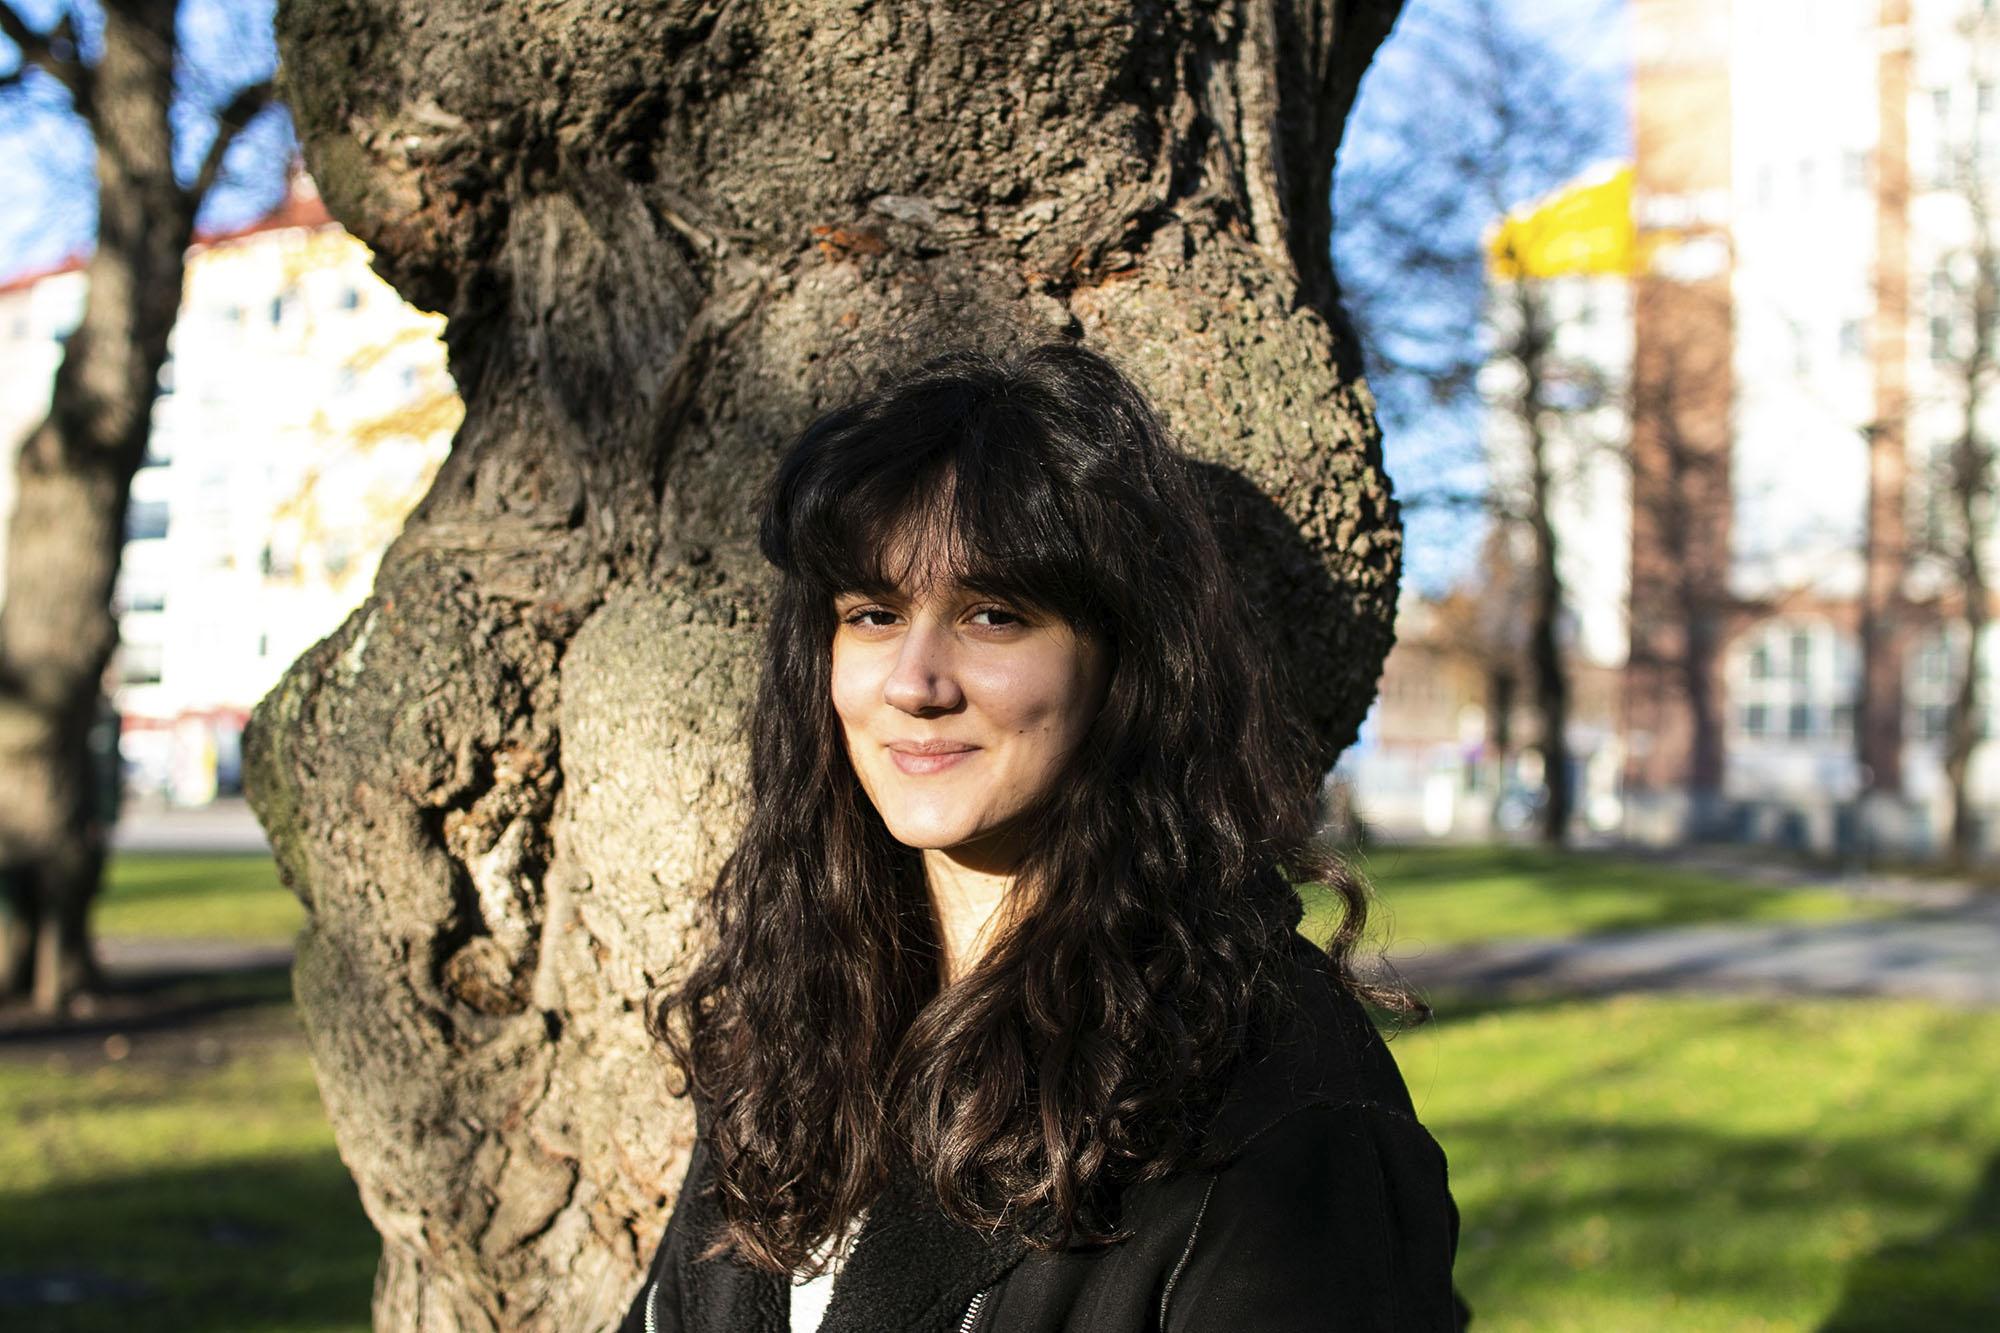 Henkilökuva naisesta ulkona puun edessä aurinkoisessa säässä.